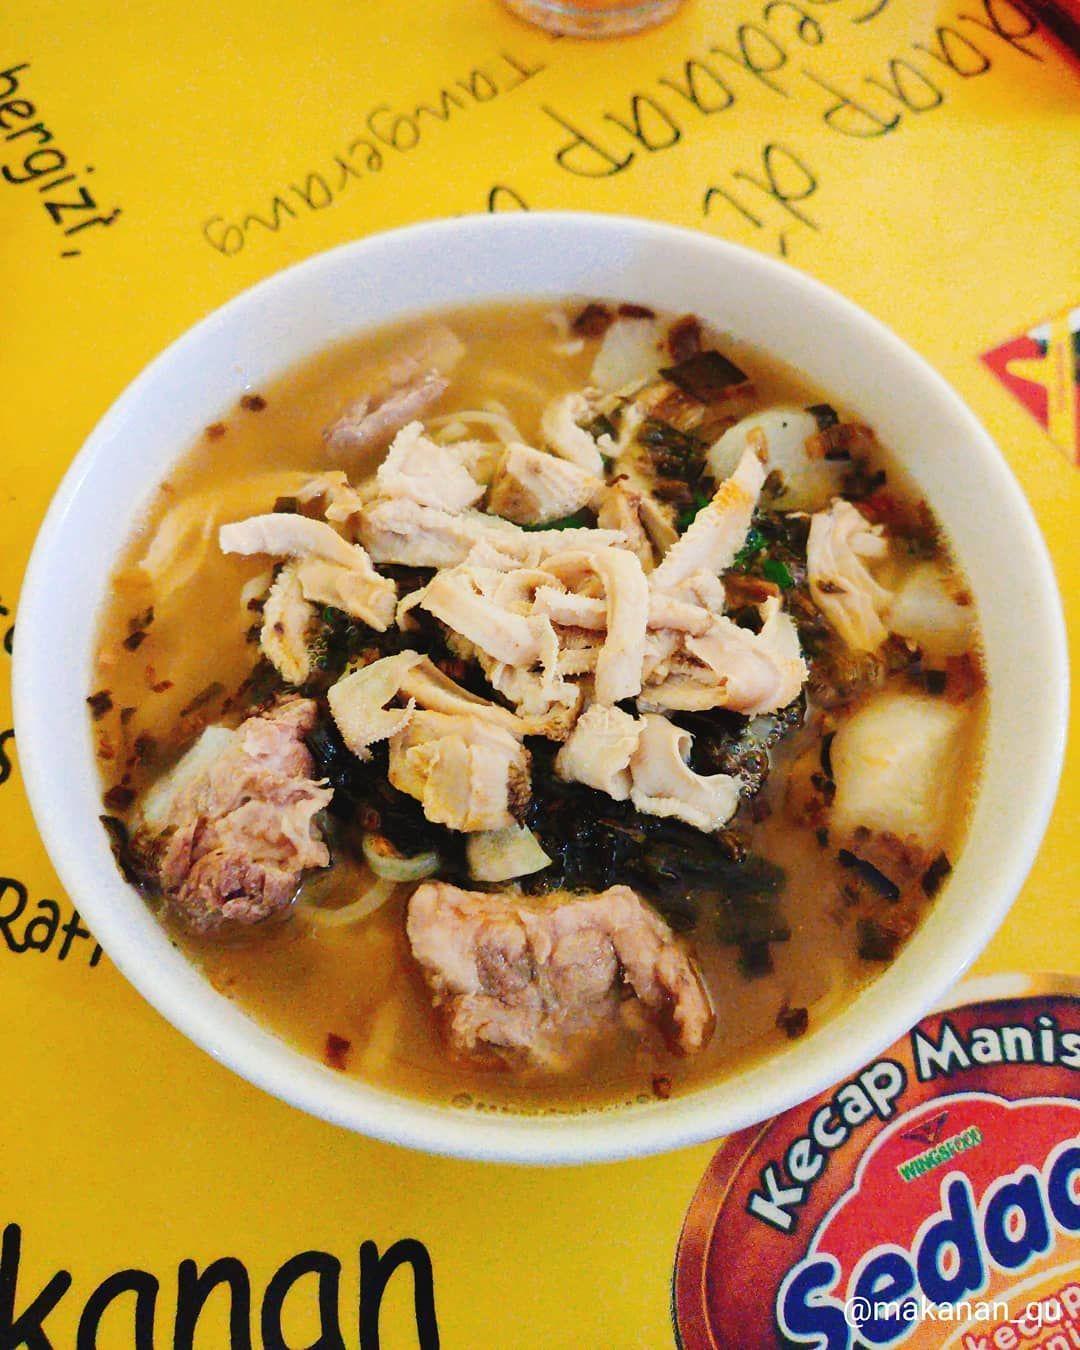 5 Tempat Kulineran Enak di Sukabumi, Ada Mie Goreng hingga Roti Jadul